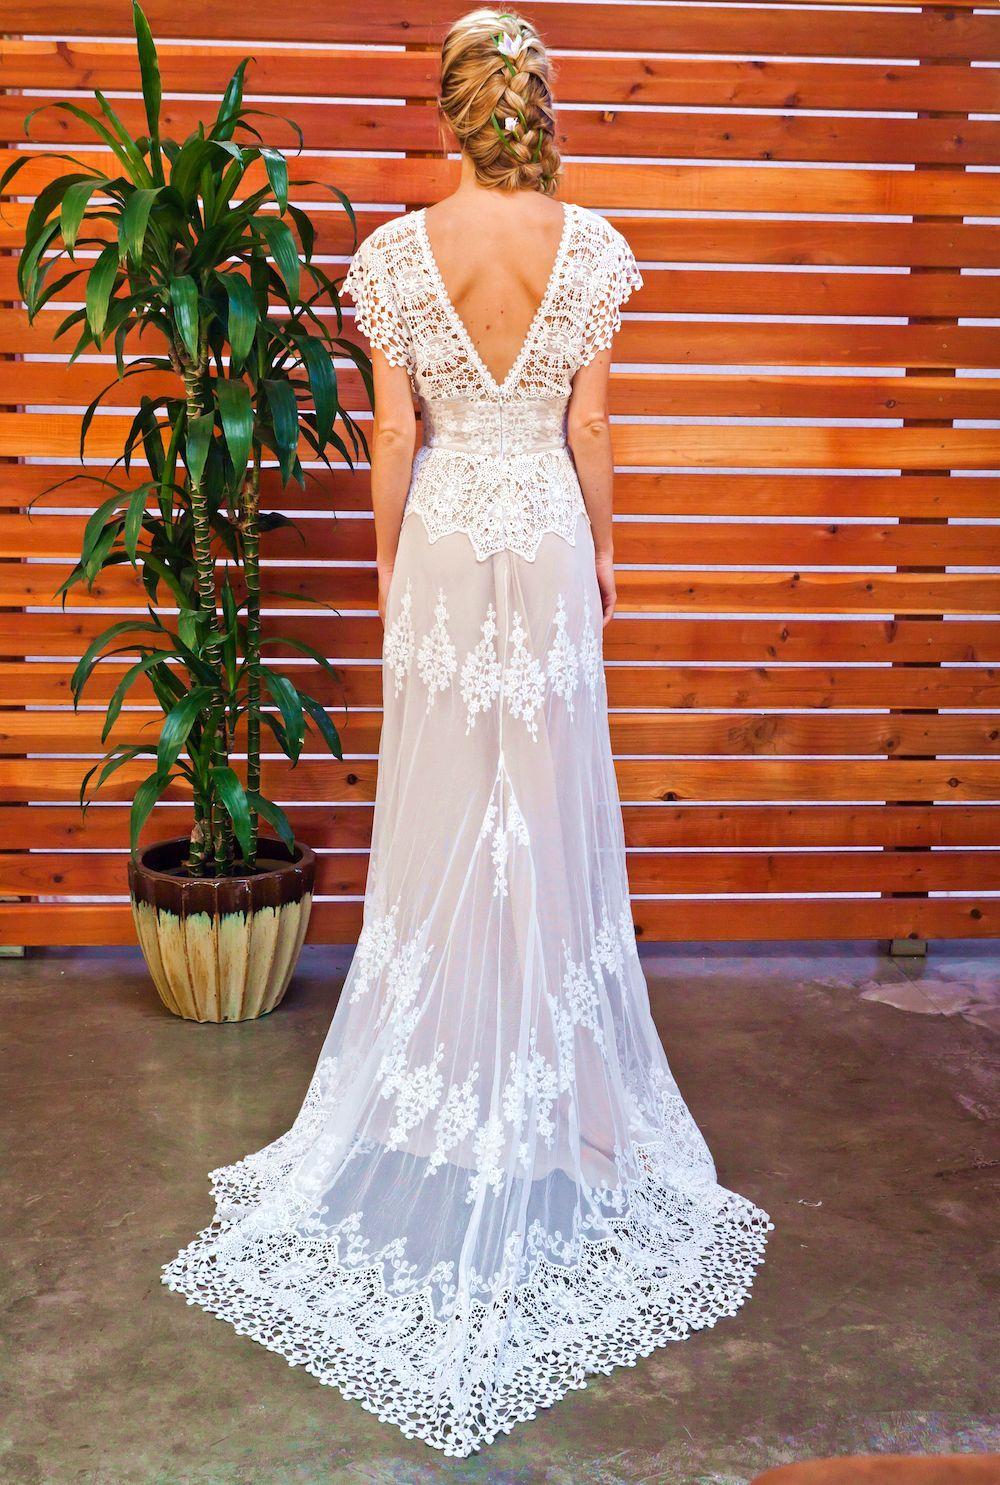 16+ romantische böhmische Brautkleider, um Ihren besonderen Tag zu